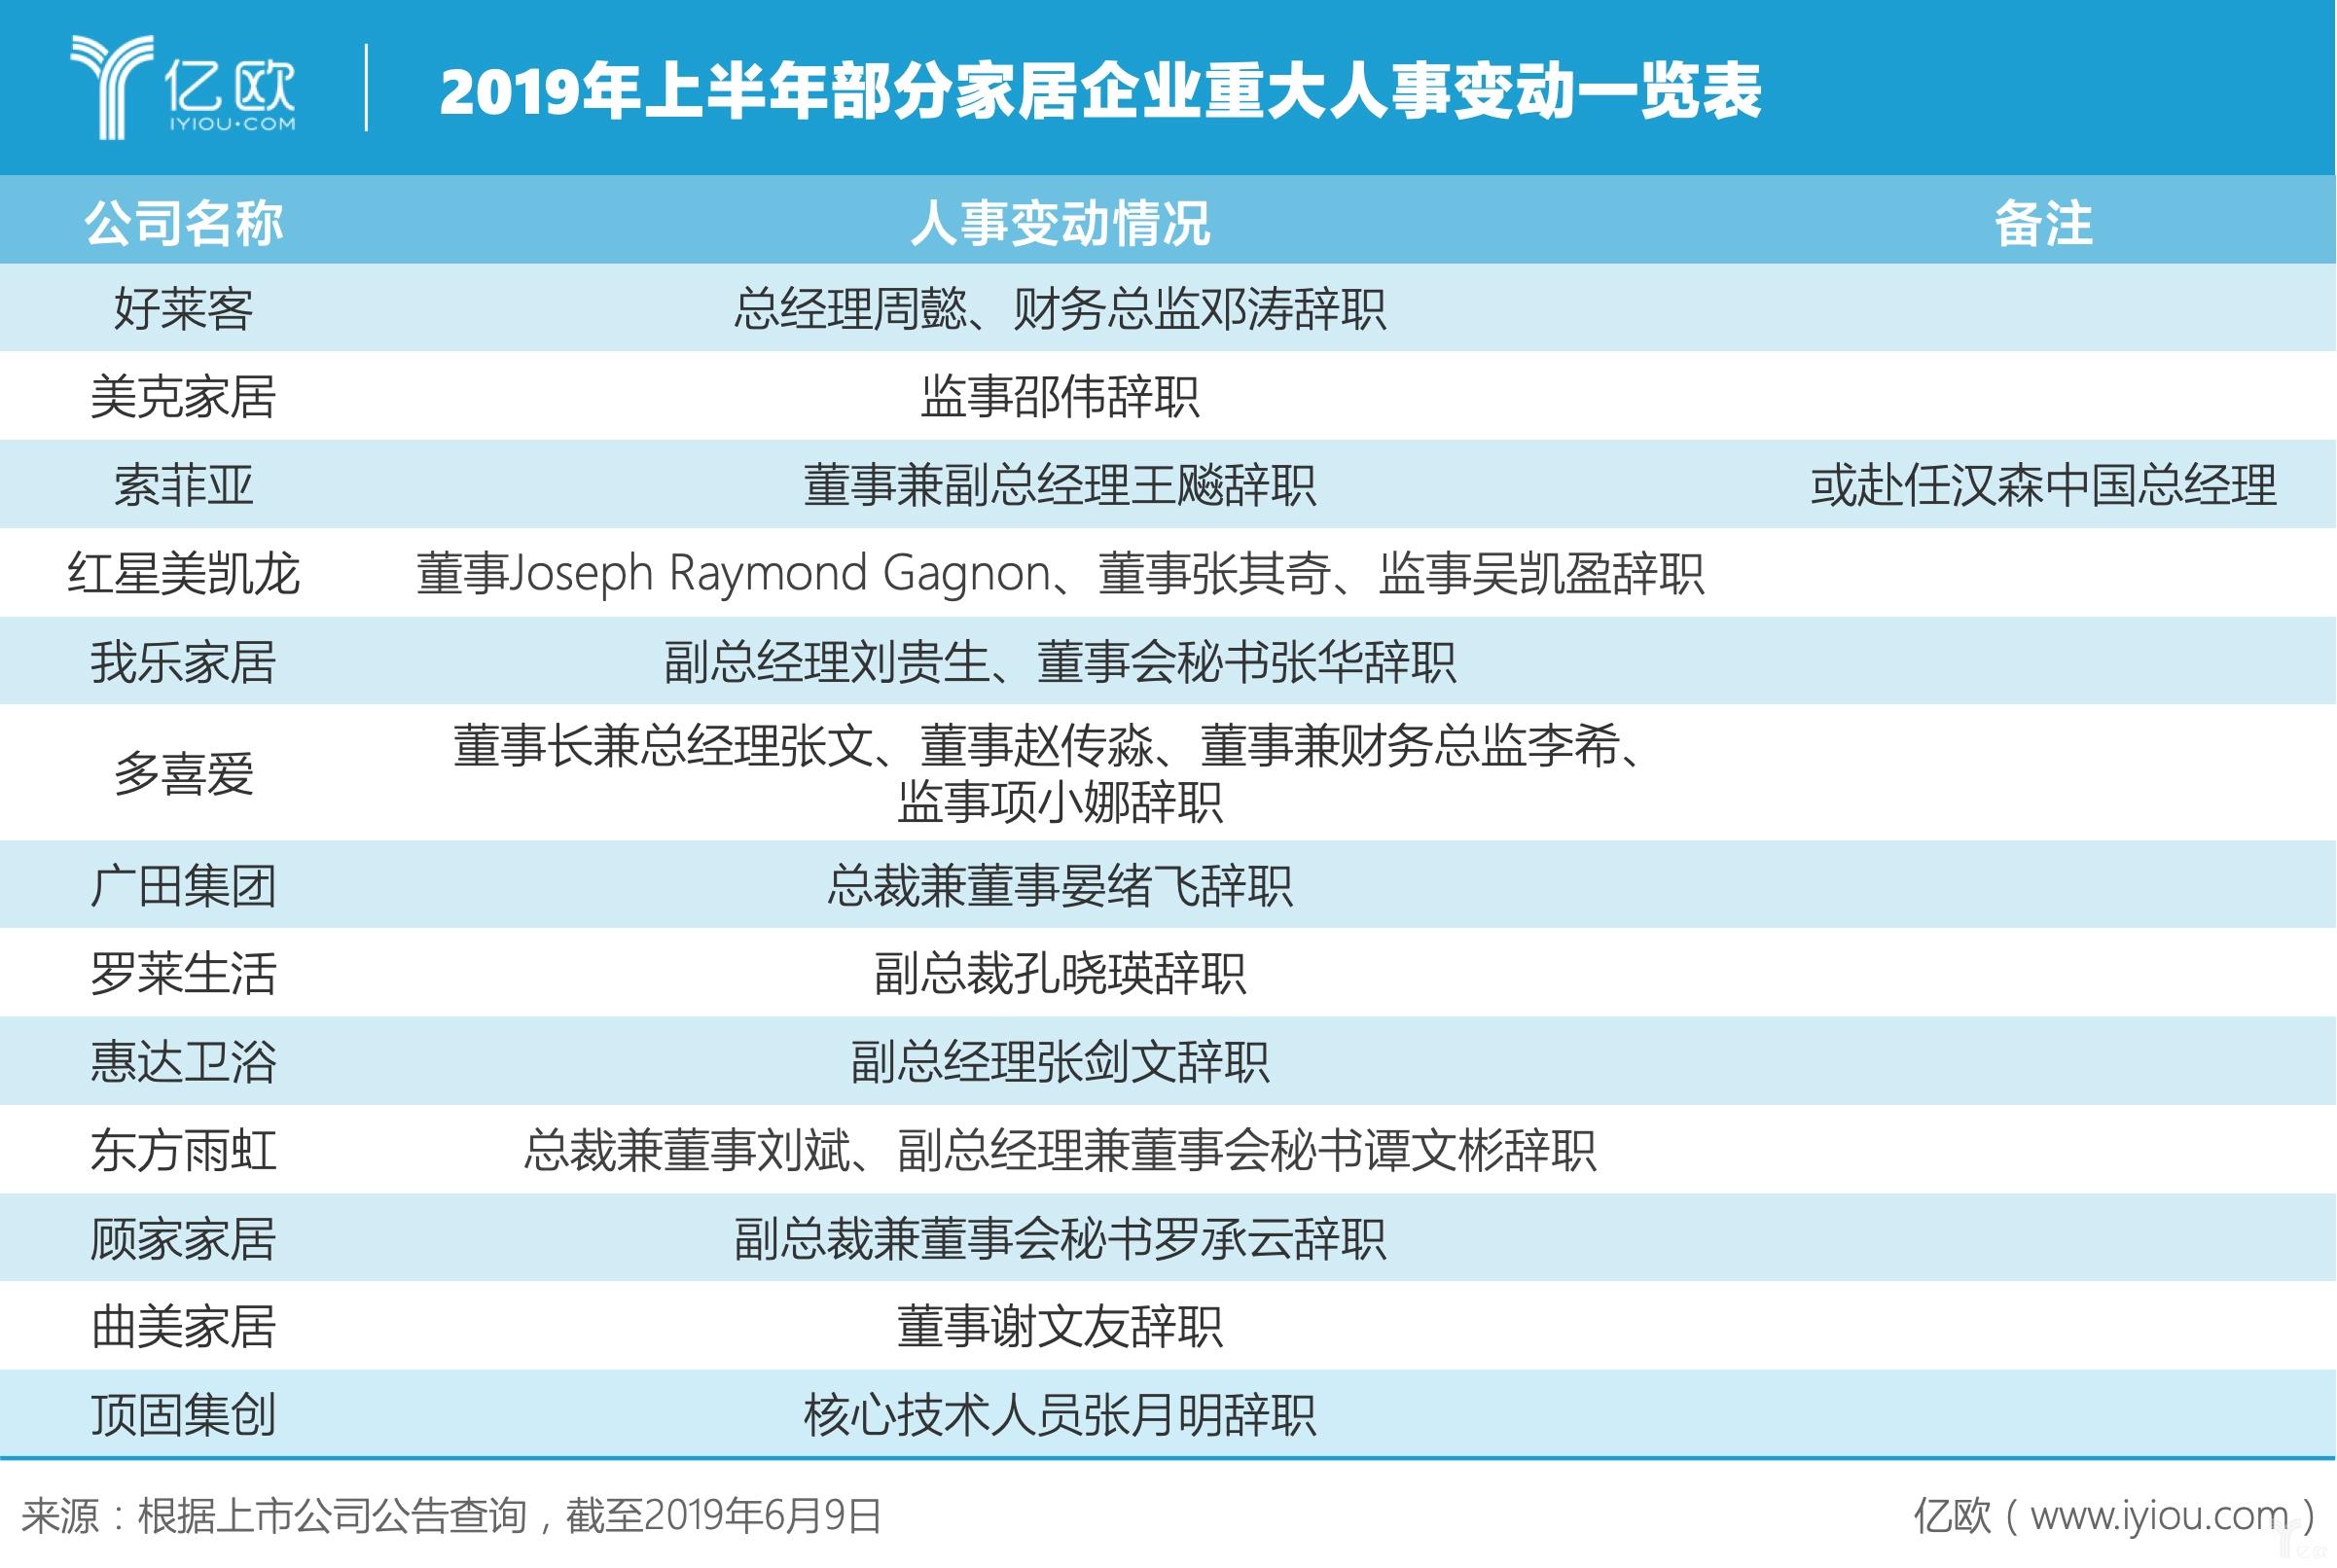 2019年中盘点,21位上市家居企业高管辞职